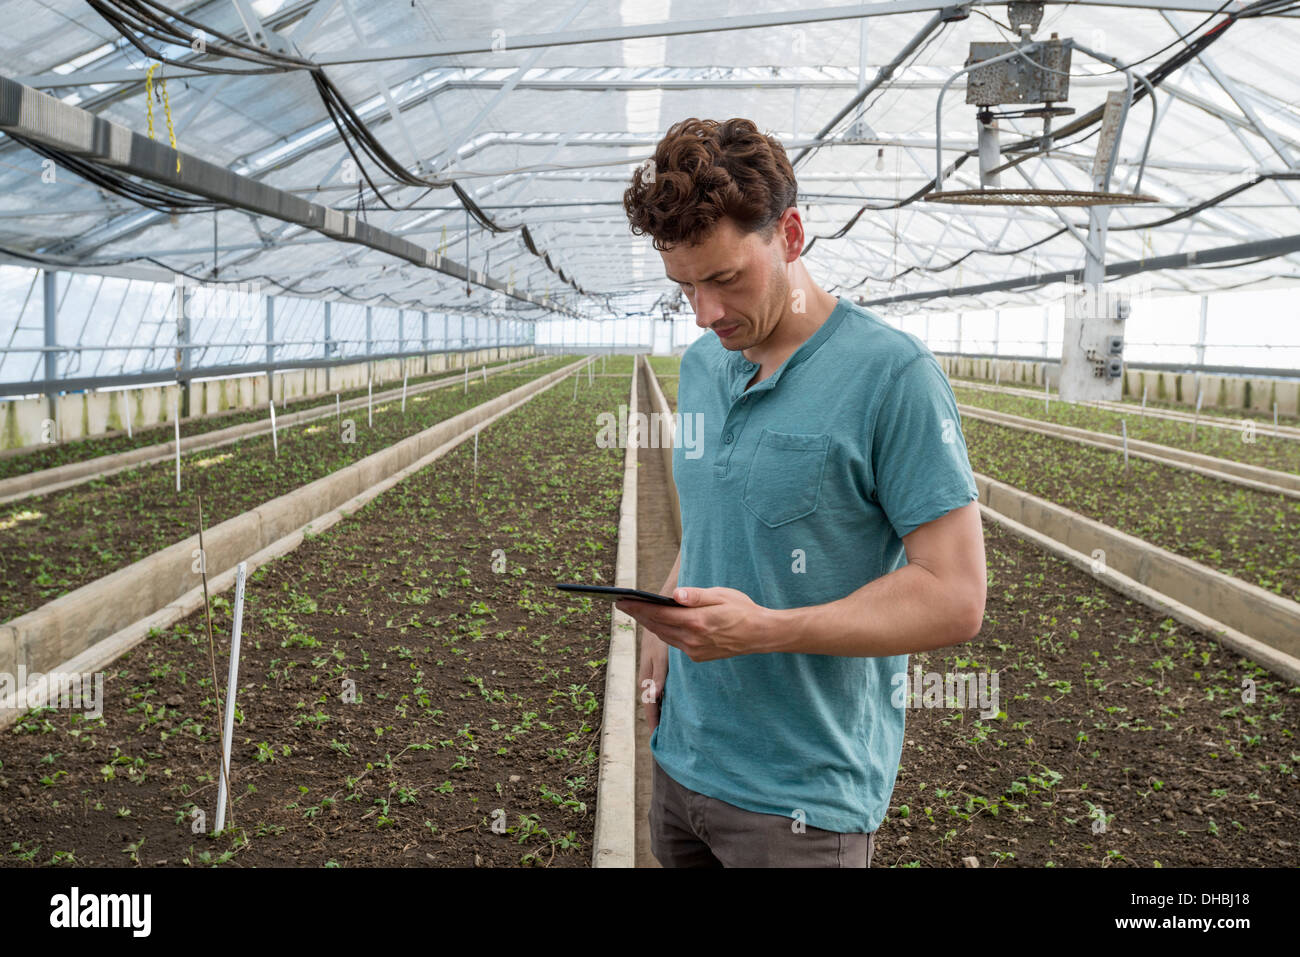 Un invernadero comercial en un vivero de plantas crecen flores orgánicas. Un hombre usando una tableta digital. Imagen De Stock